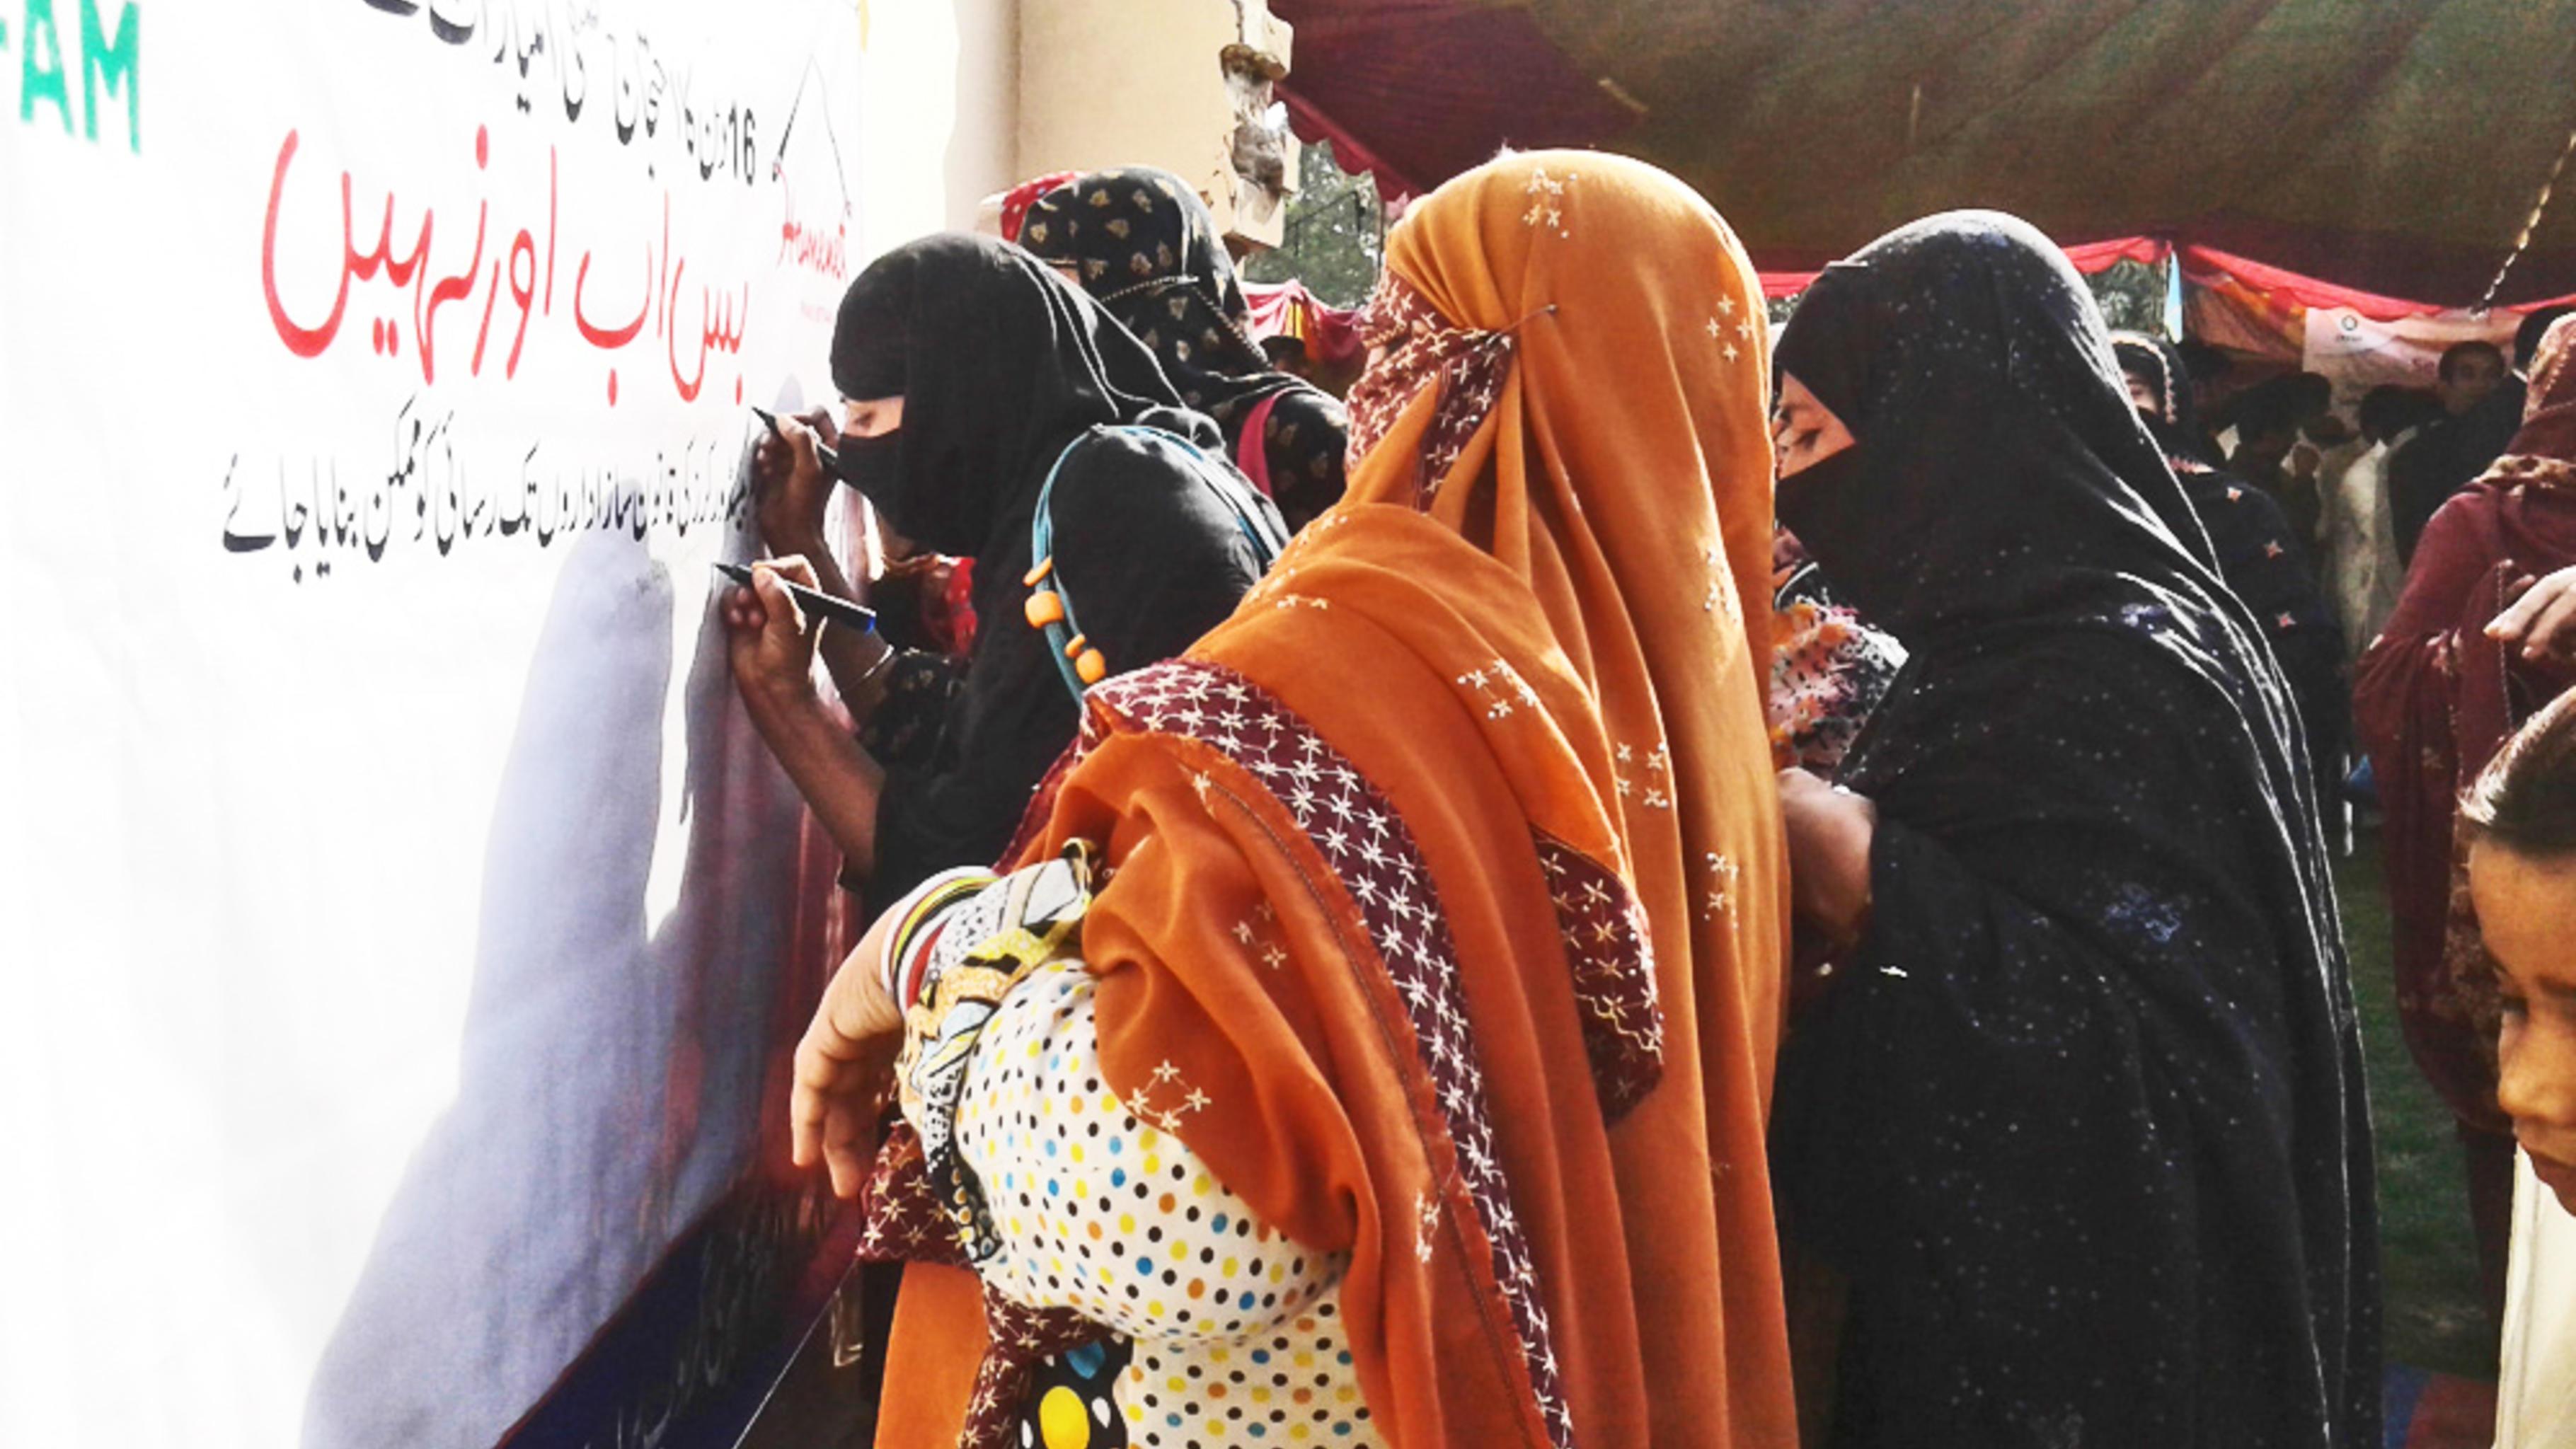 Frauen setzen sich für Rechte ein